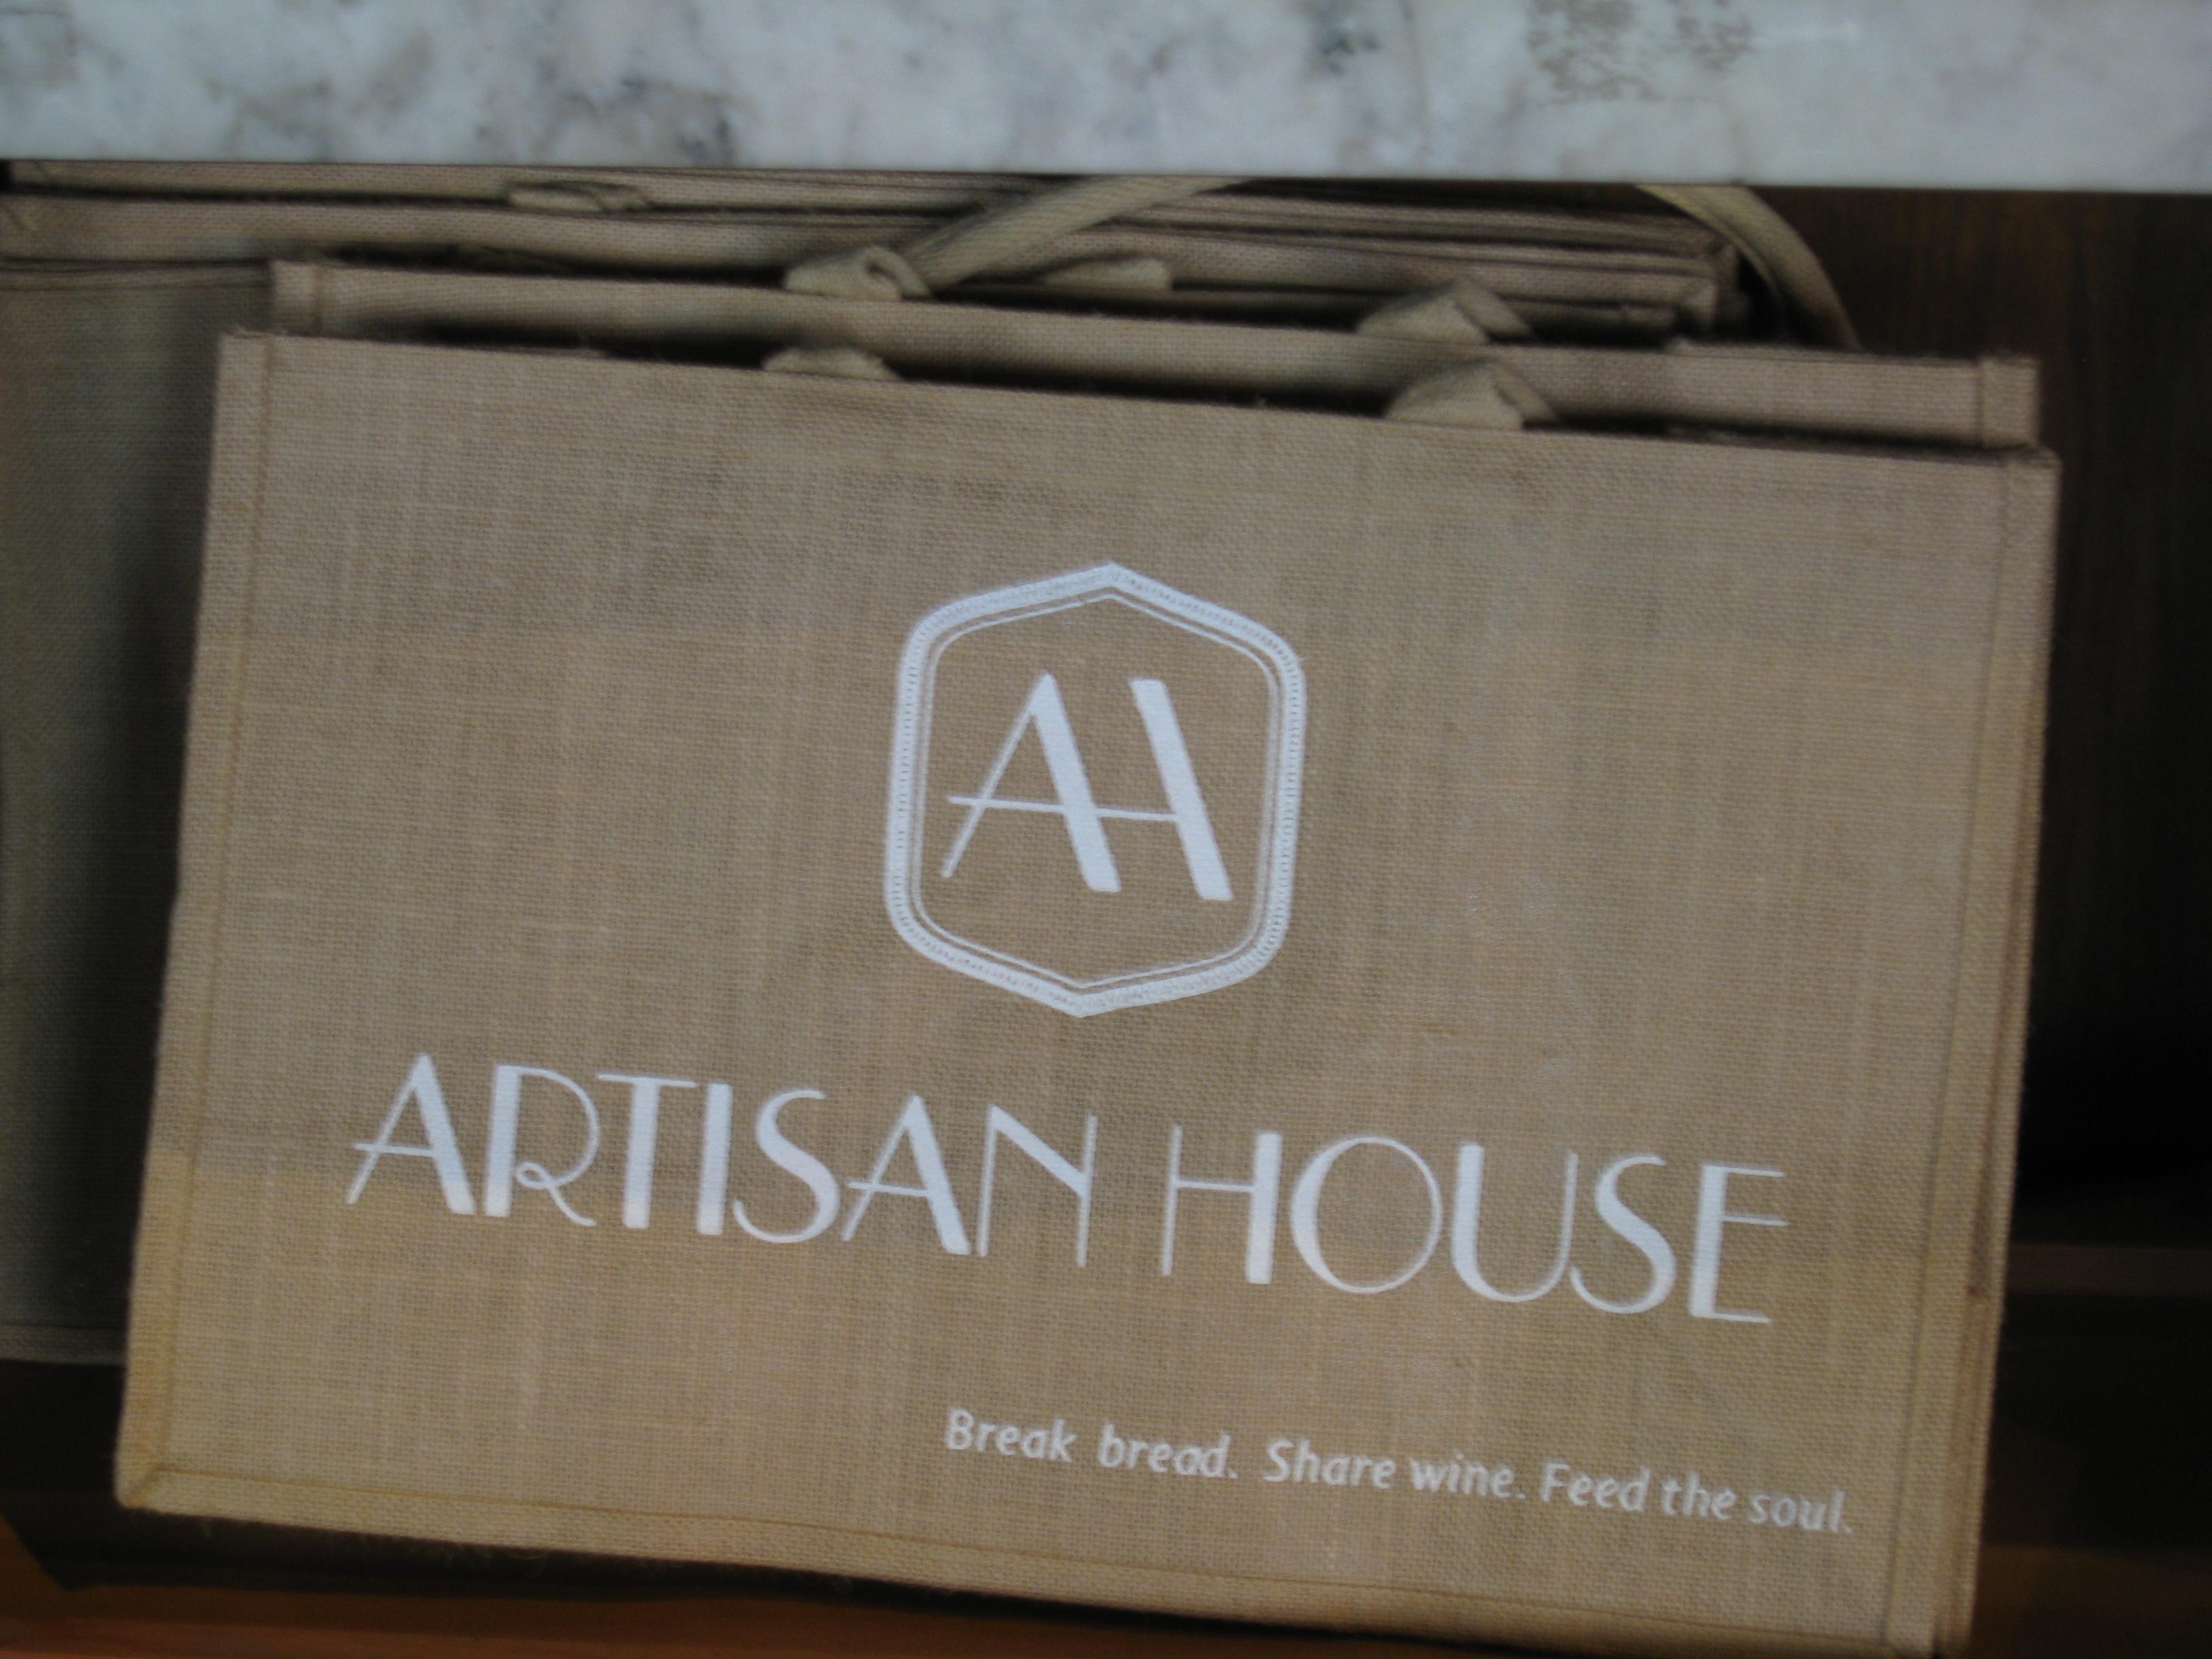 Pick up tasty treats at Artisan House